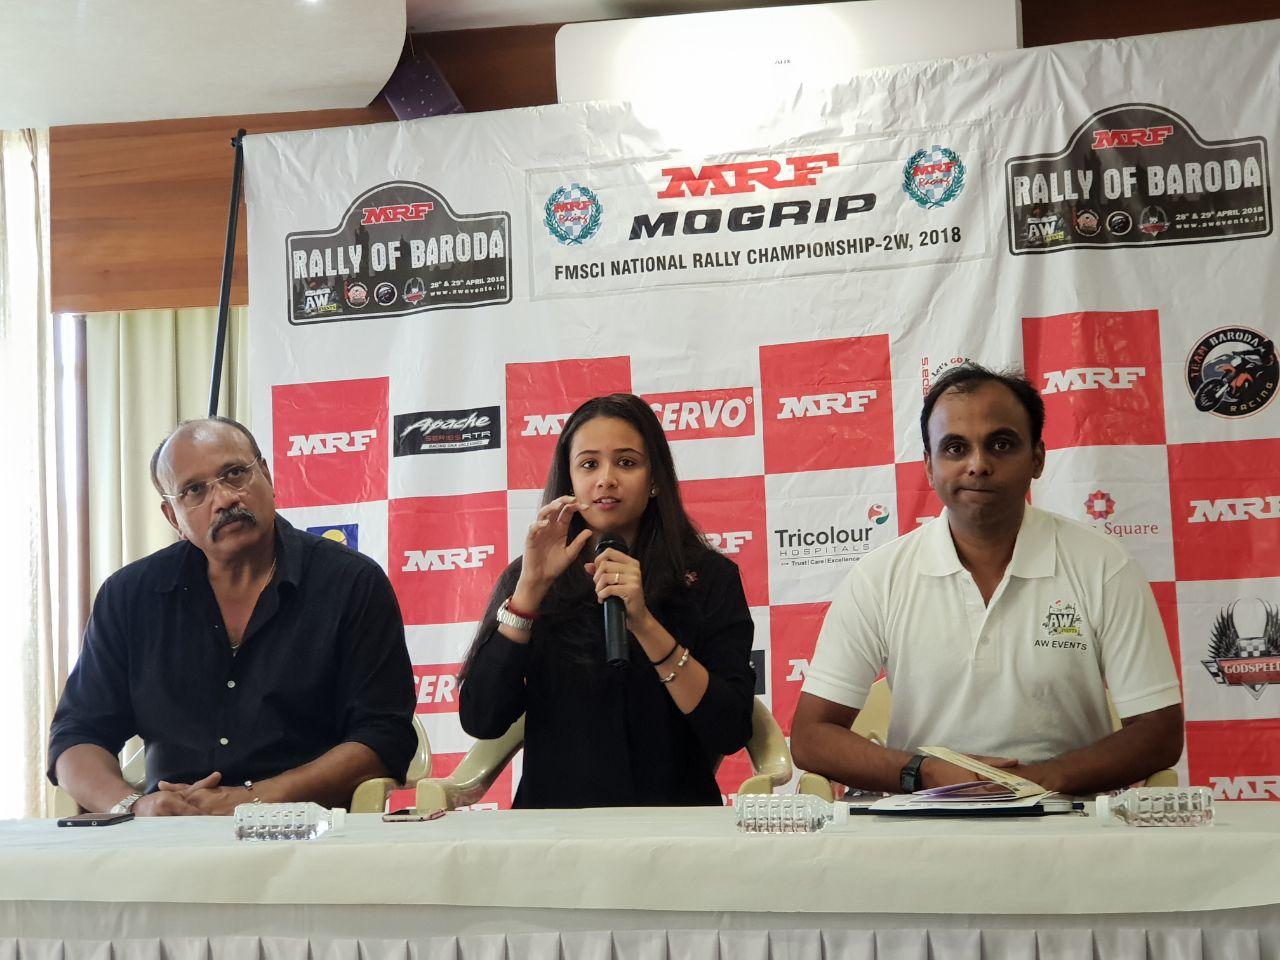 MRF 2W rally 2018 kickstarts from Vadodara